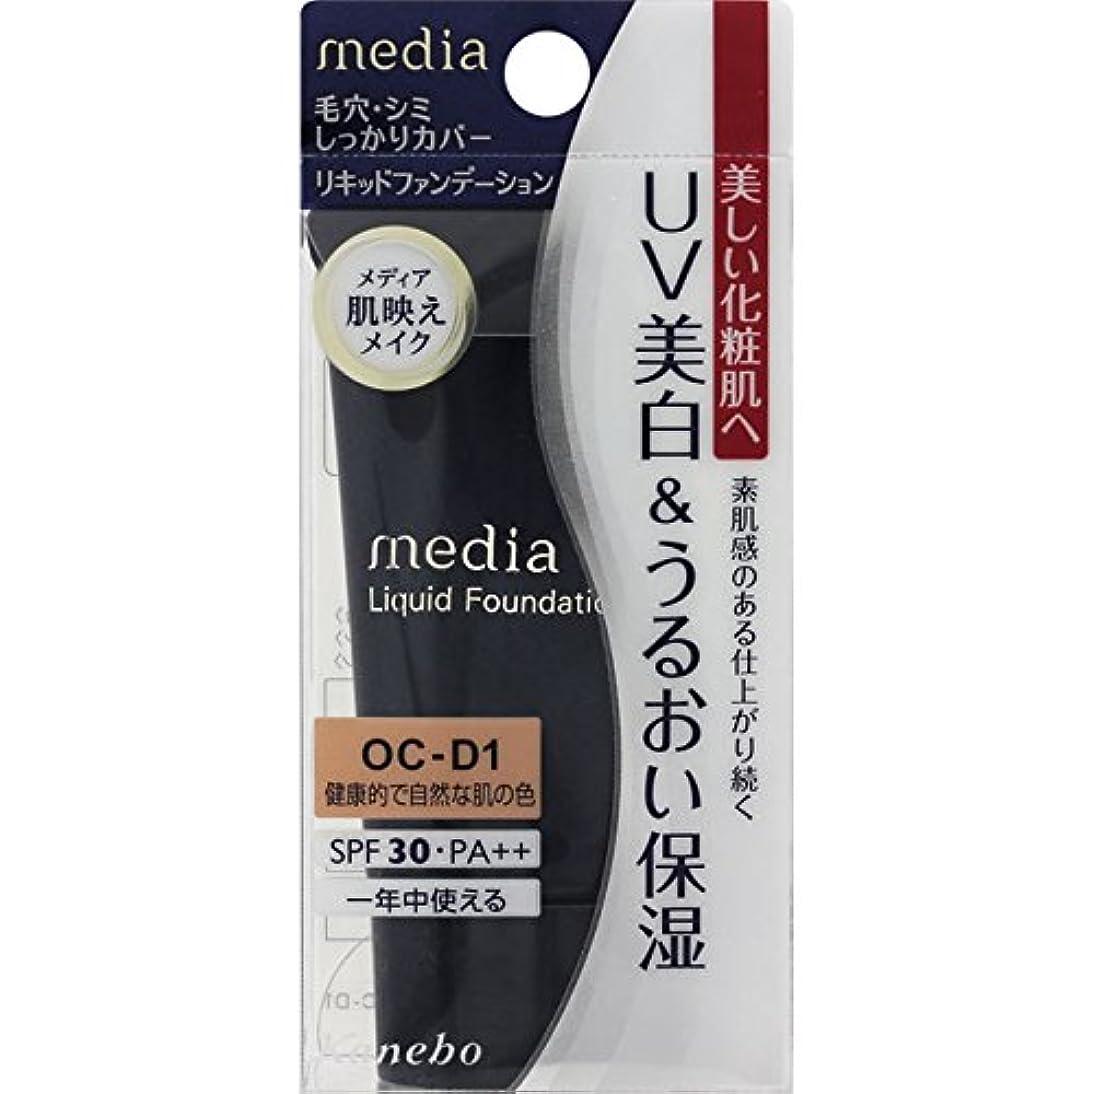 流用する戦闘操るカネボウ メディア(media)リキッドファンデーションUV カラー:OC-D1